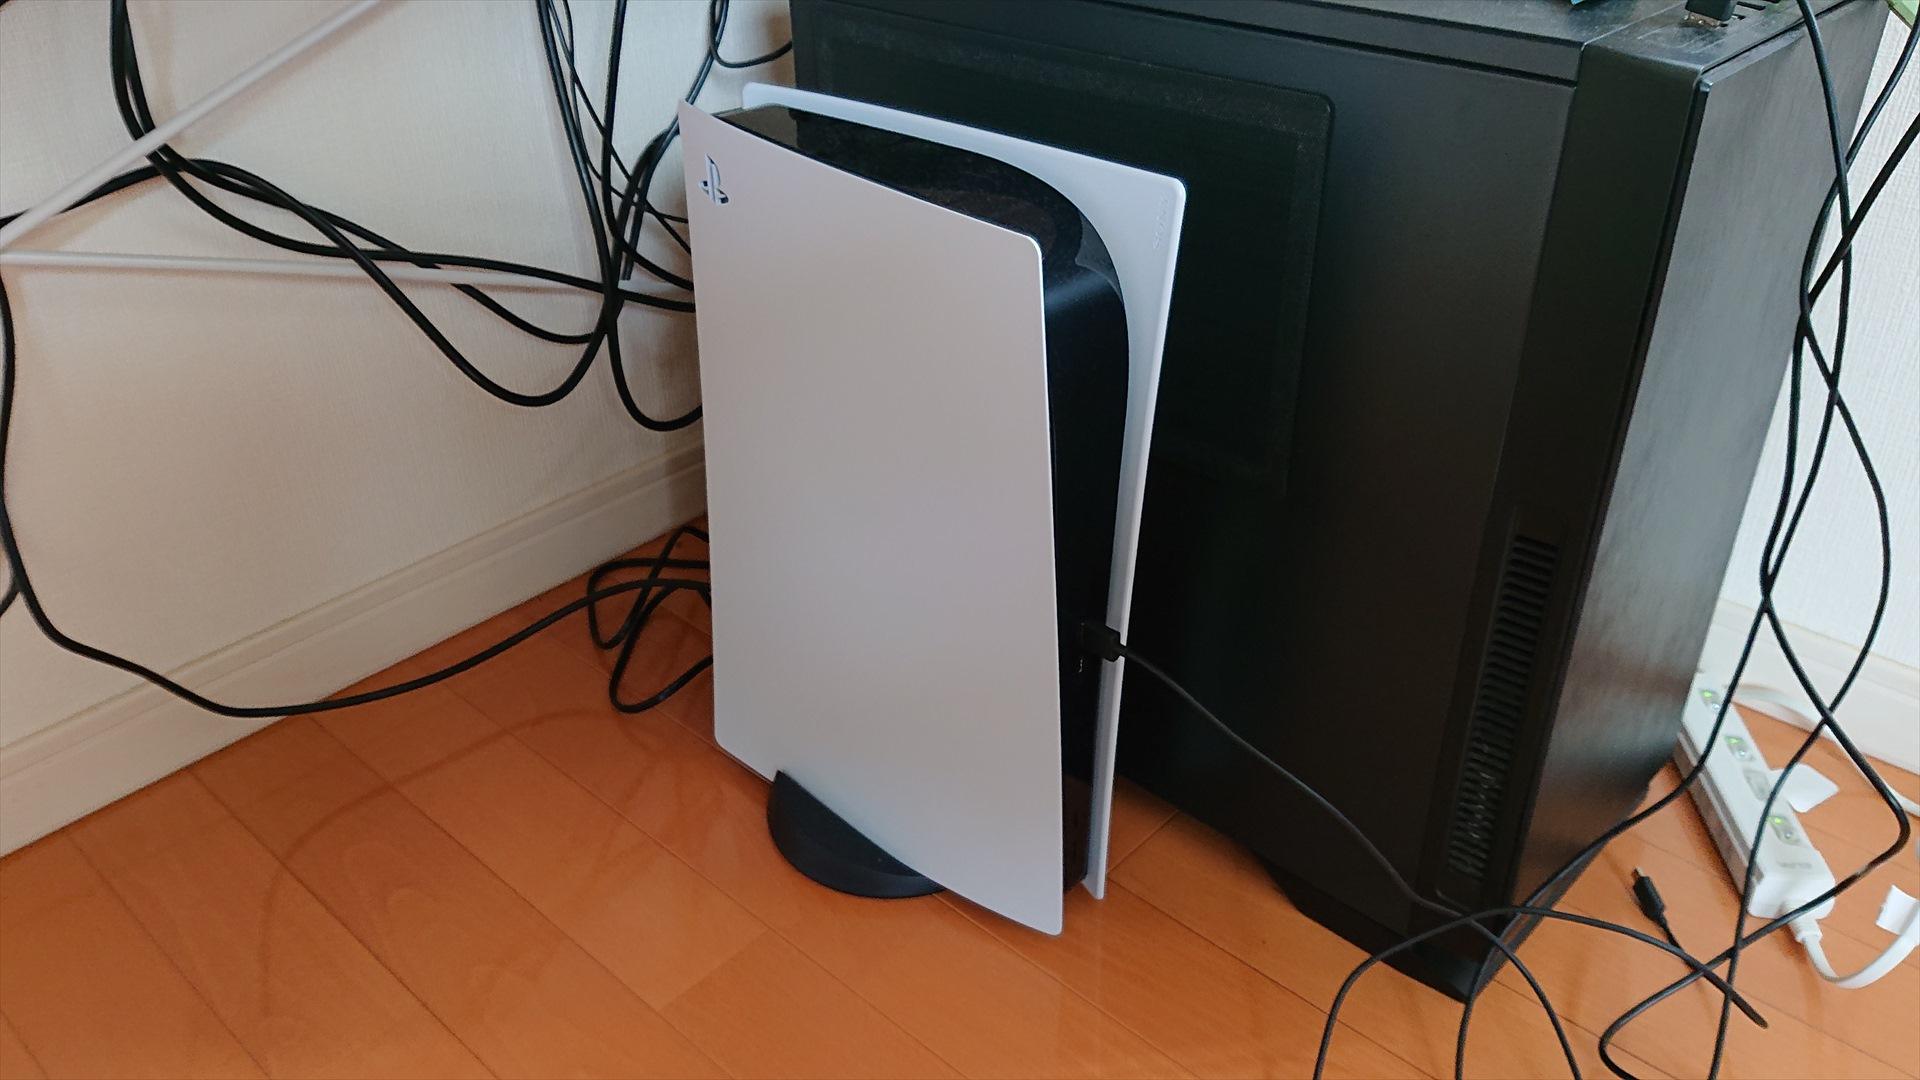 PS5前面と後ろにUSBポートがあります。どちらでも良いですが、プレミアムワイヤレスサラウンドヘッドセットのUSBアダプタを挿して使います。